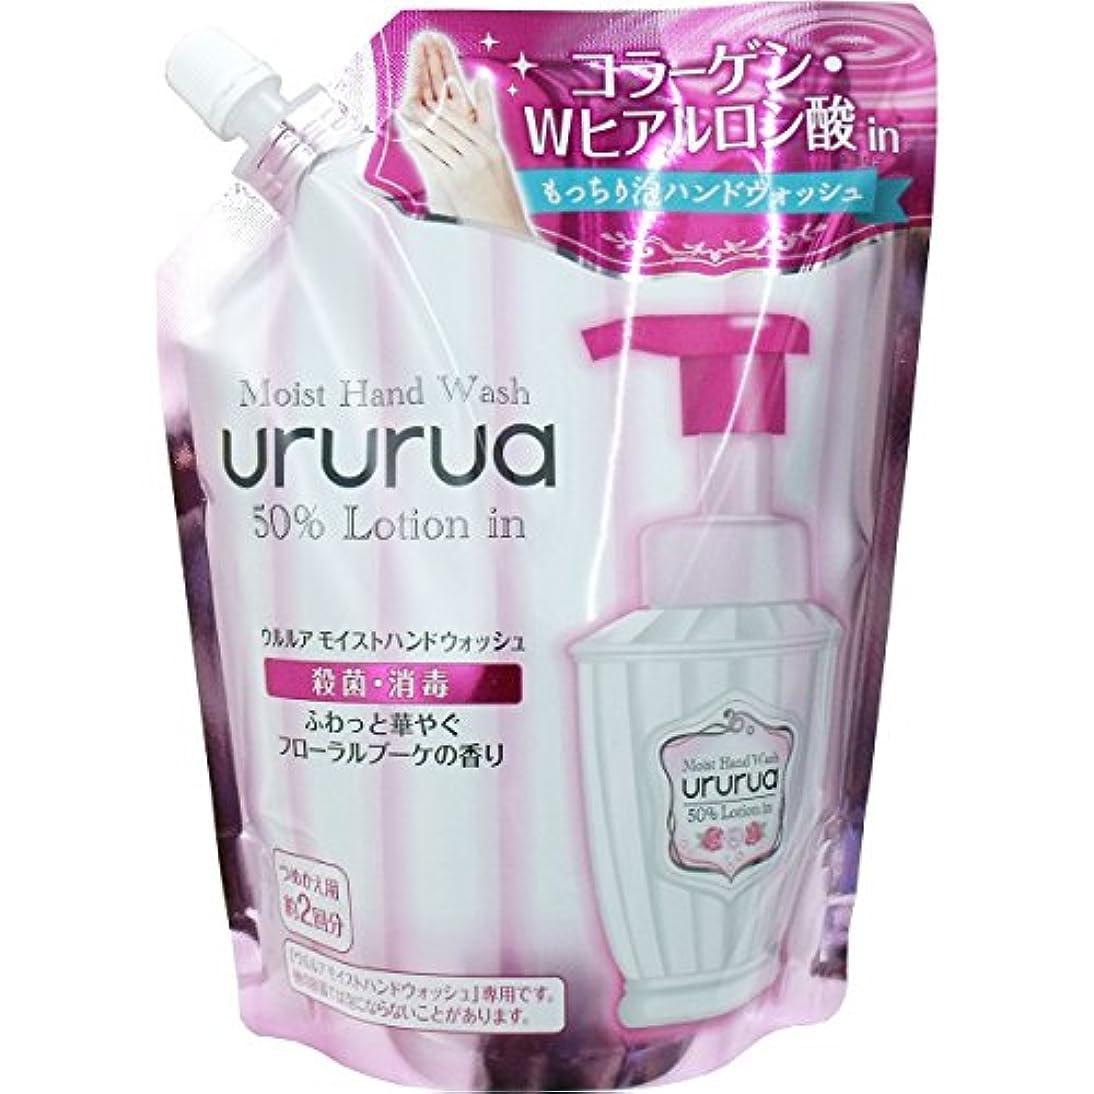 バン破壊する混合【牛乳石鹸】ウルルア モイストハンドウォッシュ つめかえ用 420ml ×3個セット